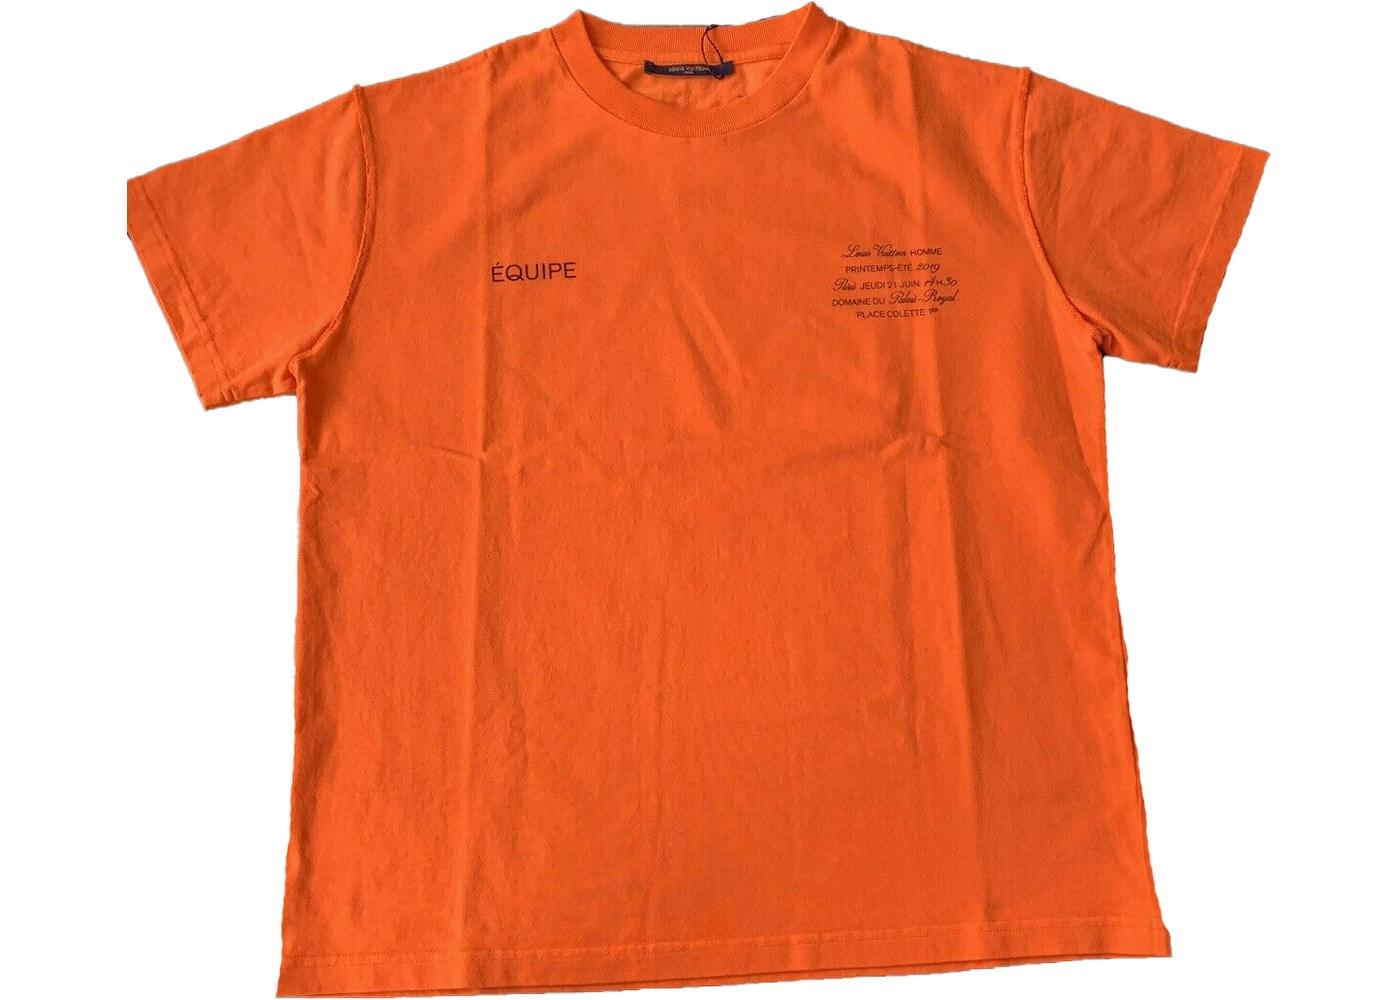 60a5436e Virgil Abloh x MCA Figures of Speech Louis Vuitton Tee Orange - SS19